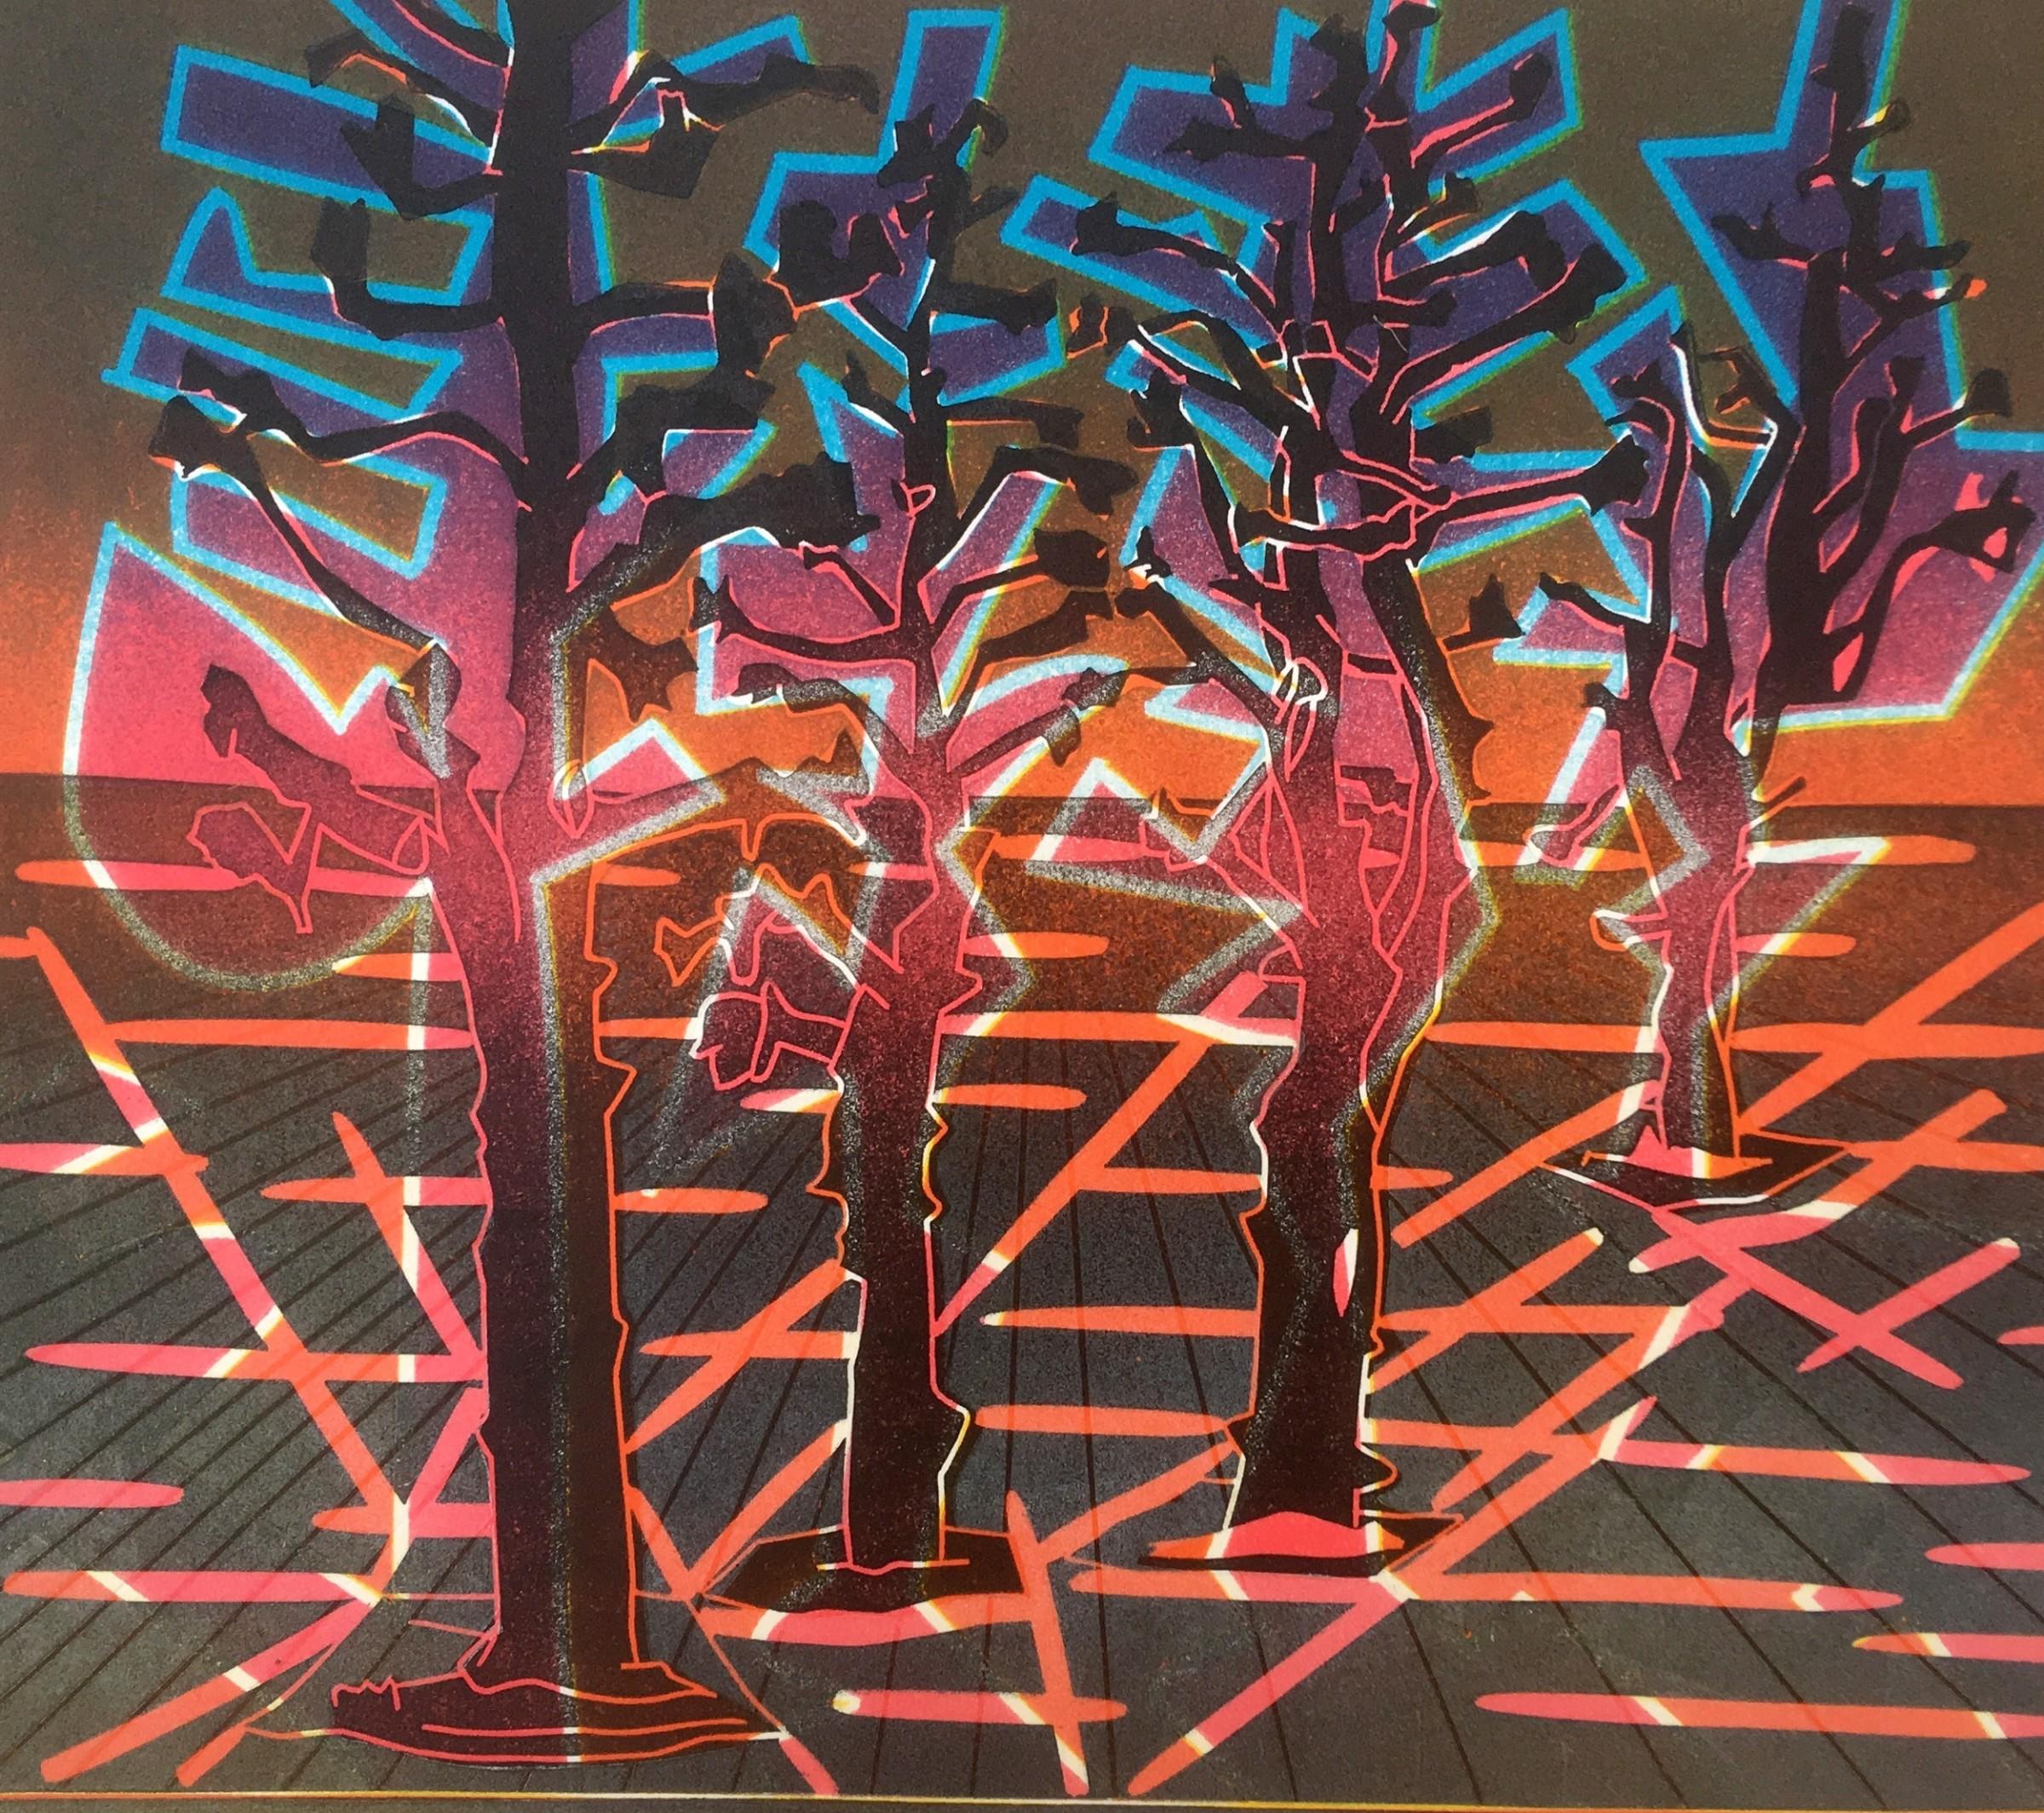 """<span class=""""link fancybox-details-link""""><a href=""""/artists/154-dale-devereux-barker-re/works/10337/"""">View Detail Page</a></span><div class=""""artist""""><span class=""""artist""""><strong>Dale Devereux Barker RE</strong></span></div><div class=""""title""""><em>Norwegian Trees IV</em></div><div class=""""medium"""">linocut</div><div class=""""dimensions"""">28 x 34cm framed size<br /> 21 x 18cm image size<br /> </div><div class=""""edition_details"""">unique</div><div class=""""price"""">£160.00</div>"""